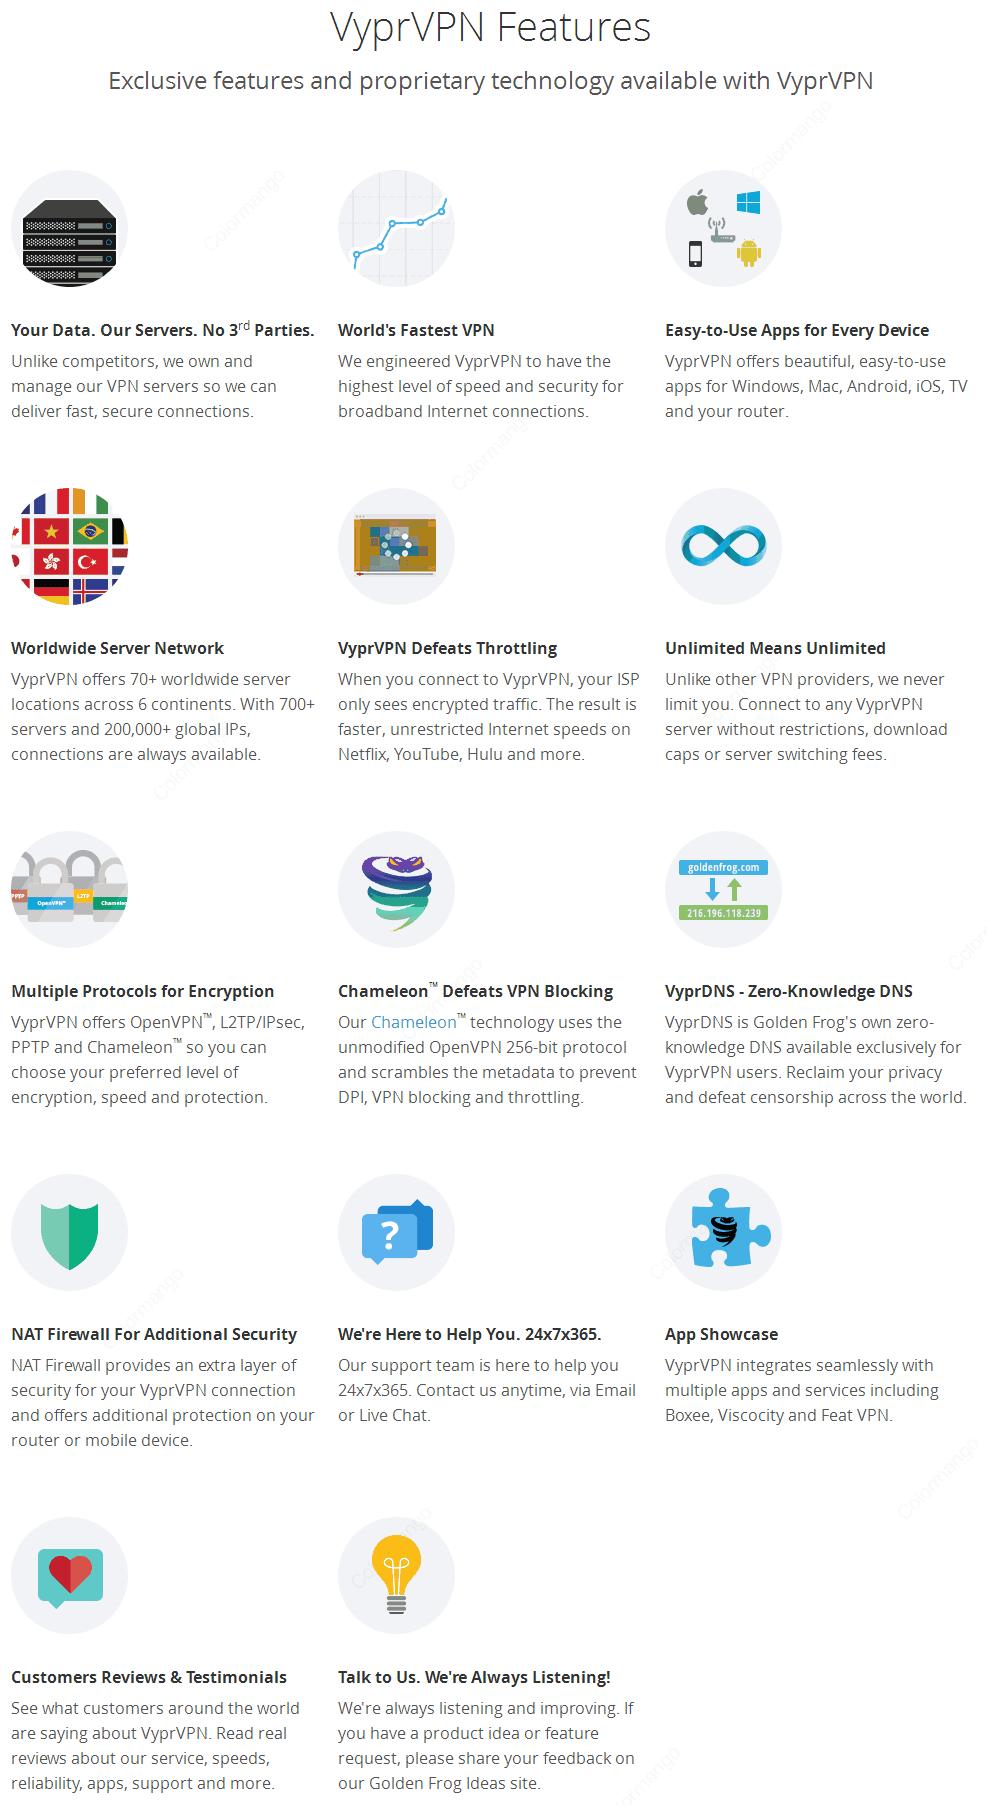 Sonicwall netextender ssl vpn client download